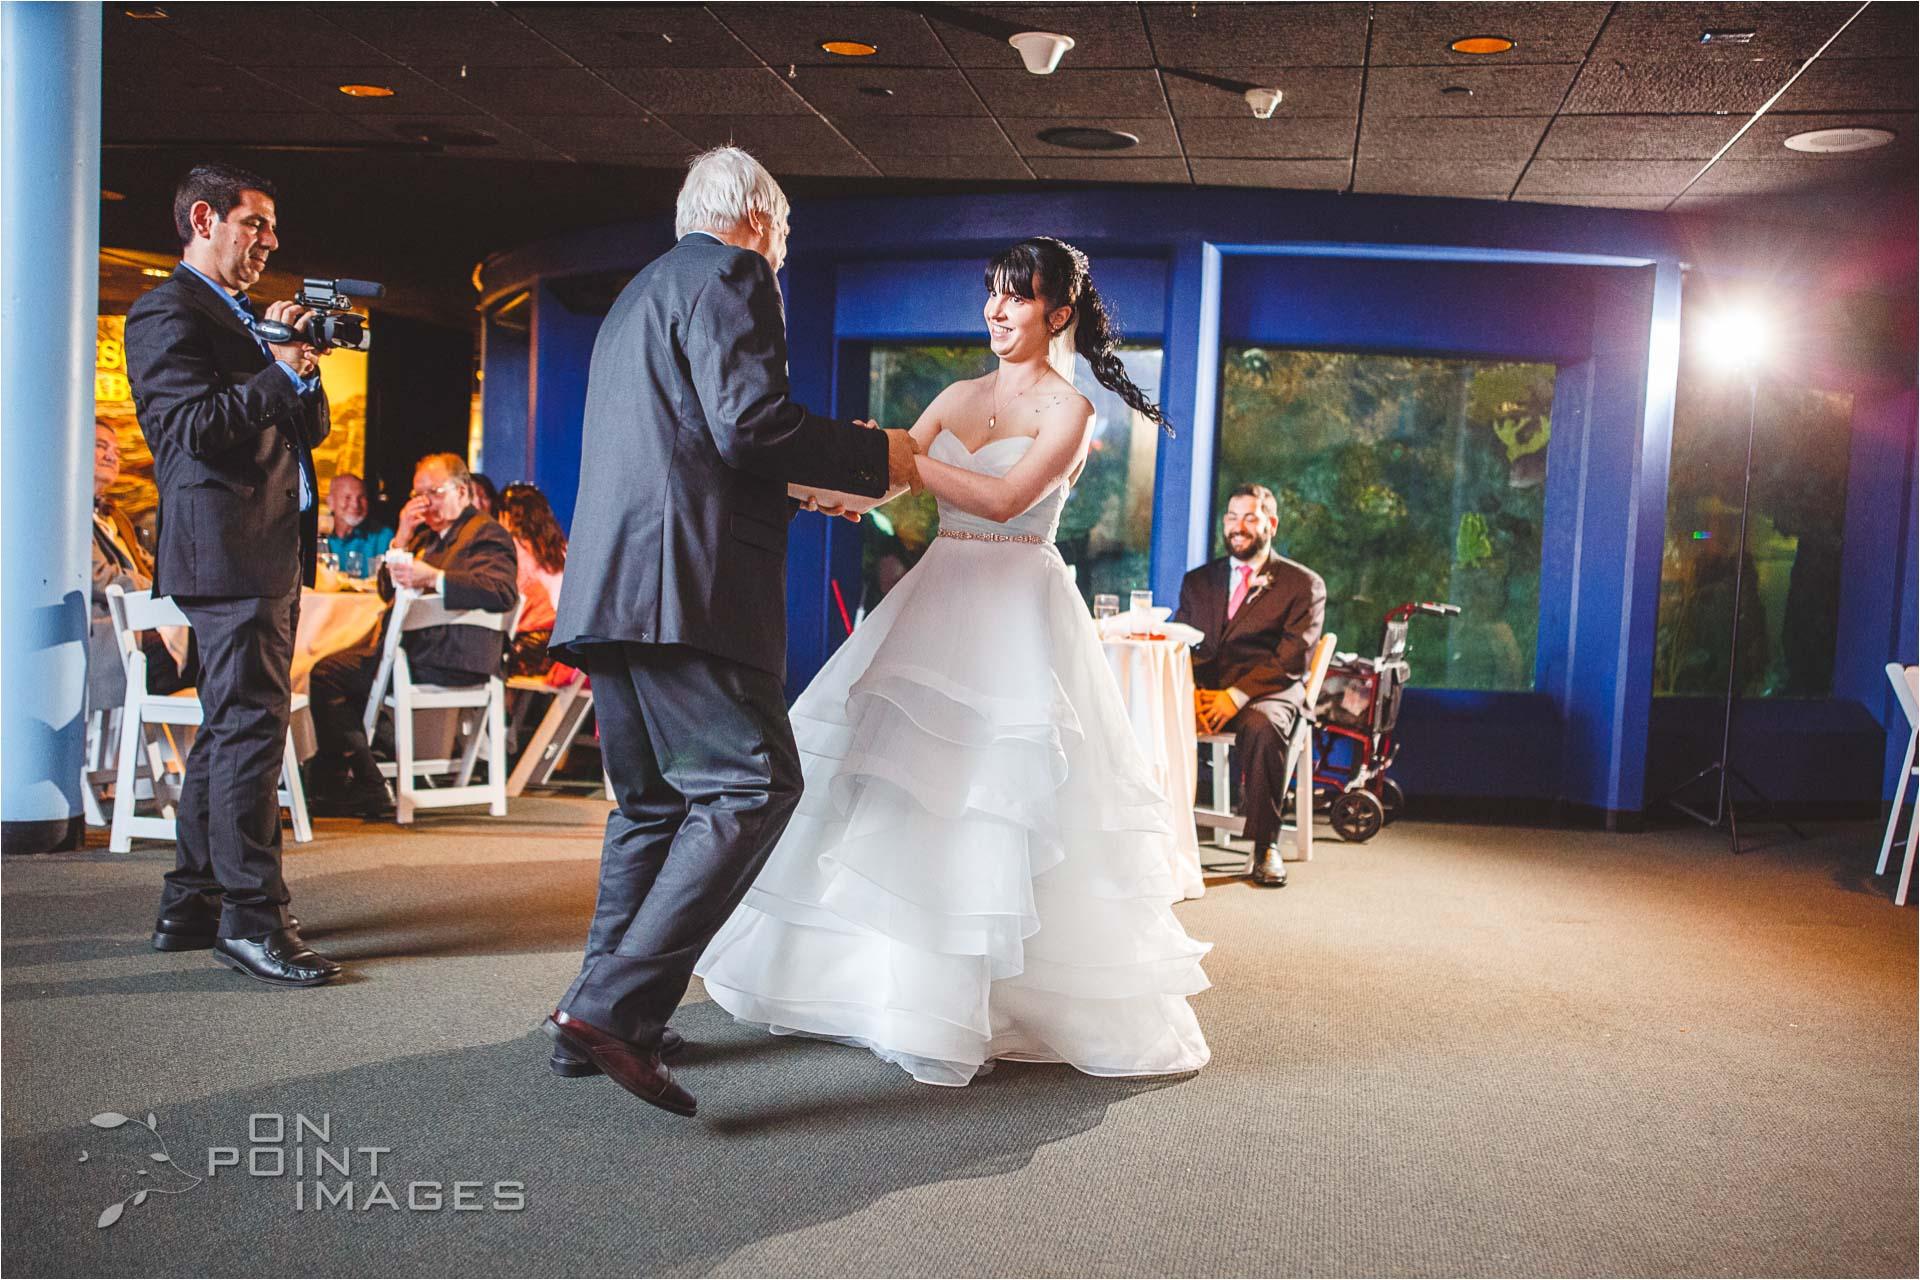 mystic-aquarium-wedding-photographs-38.jpg